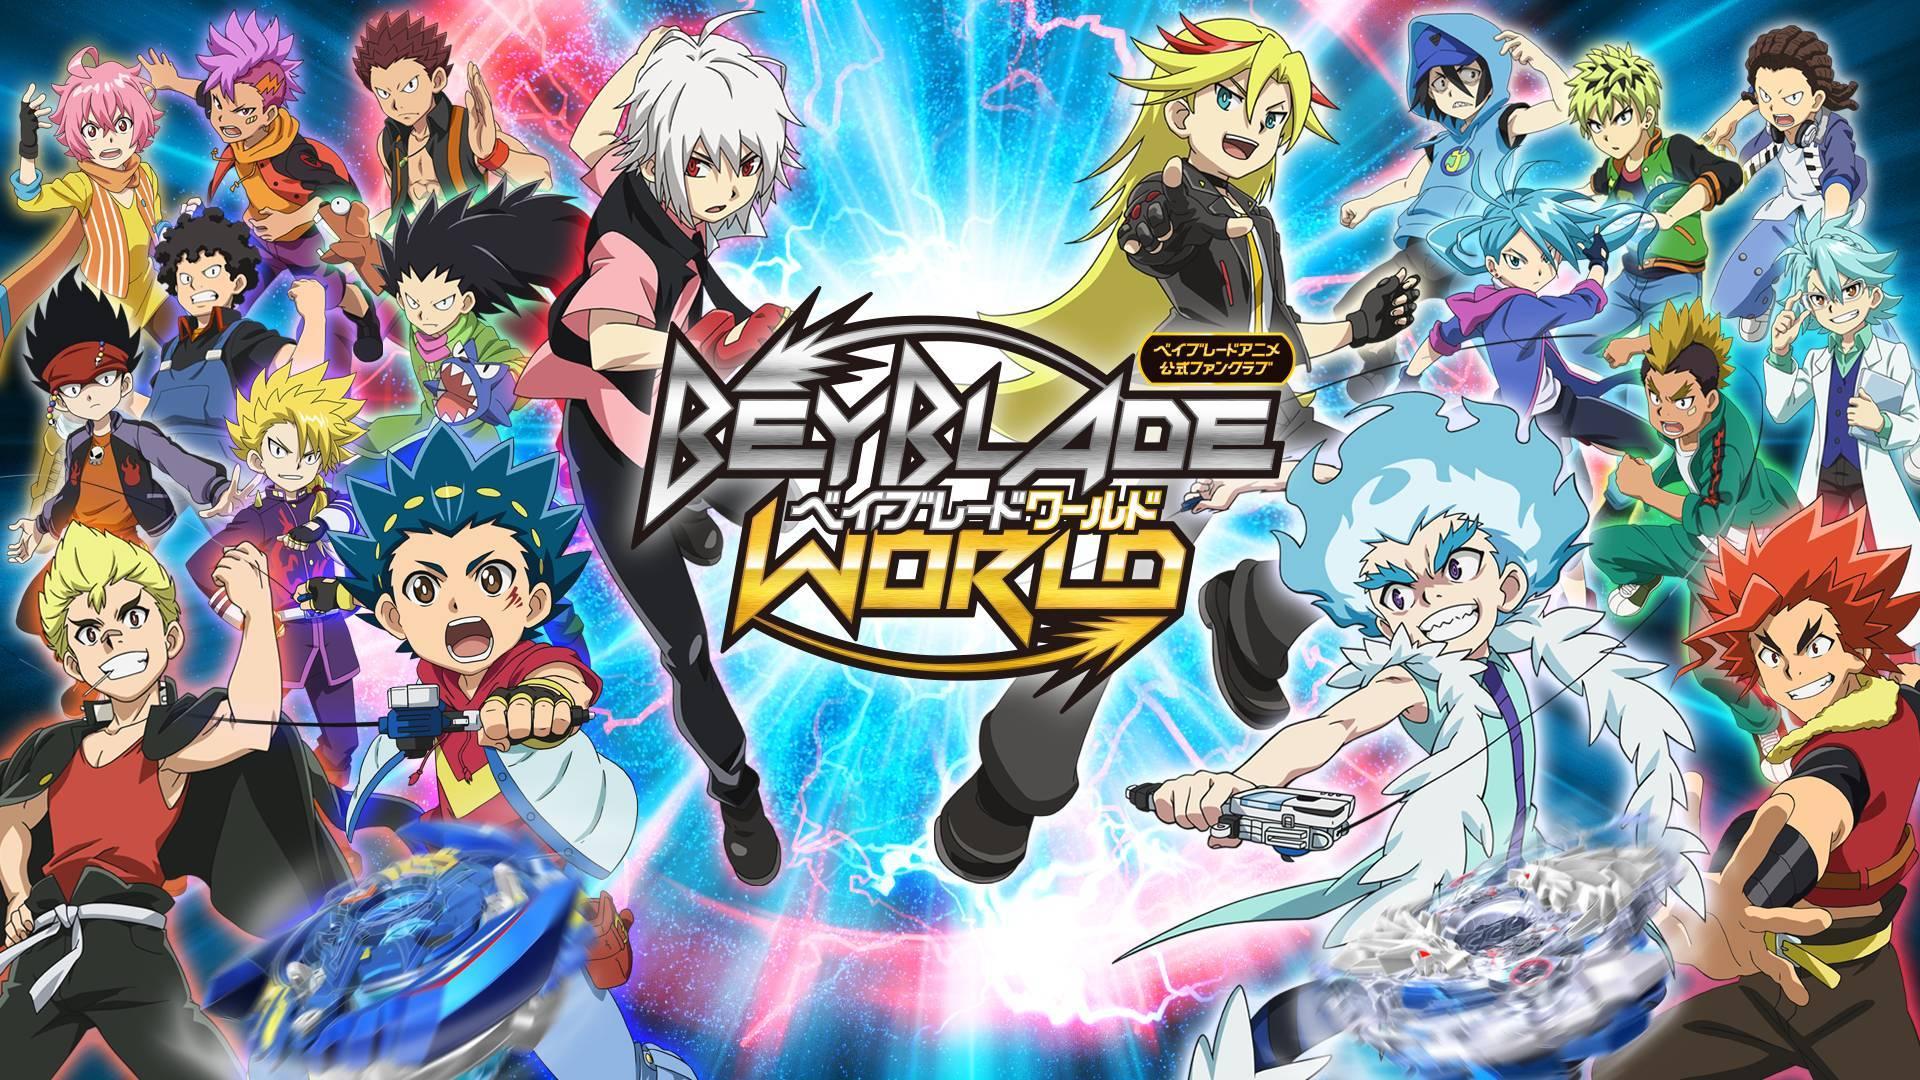 Beyblade World ベイブレードアニメ公式ファンクラブ